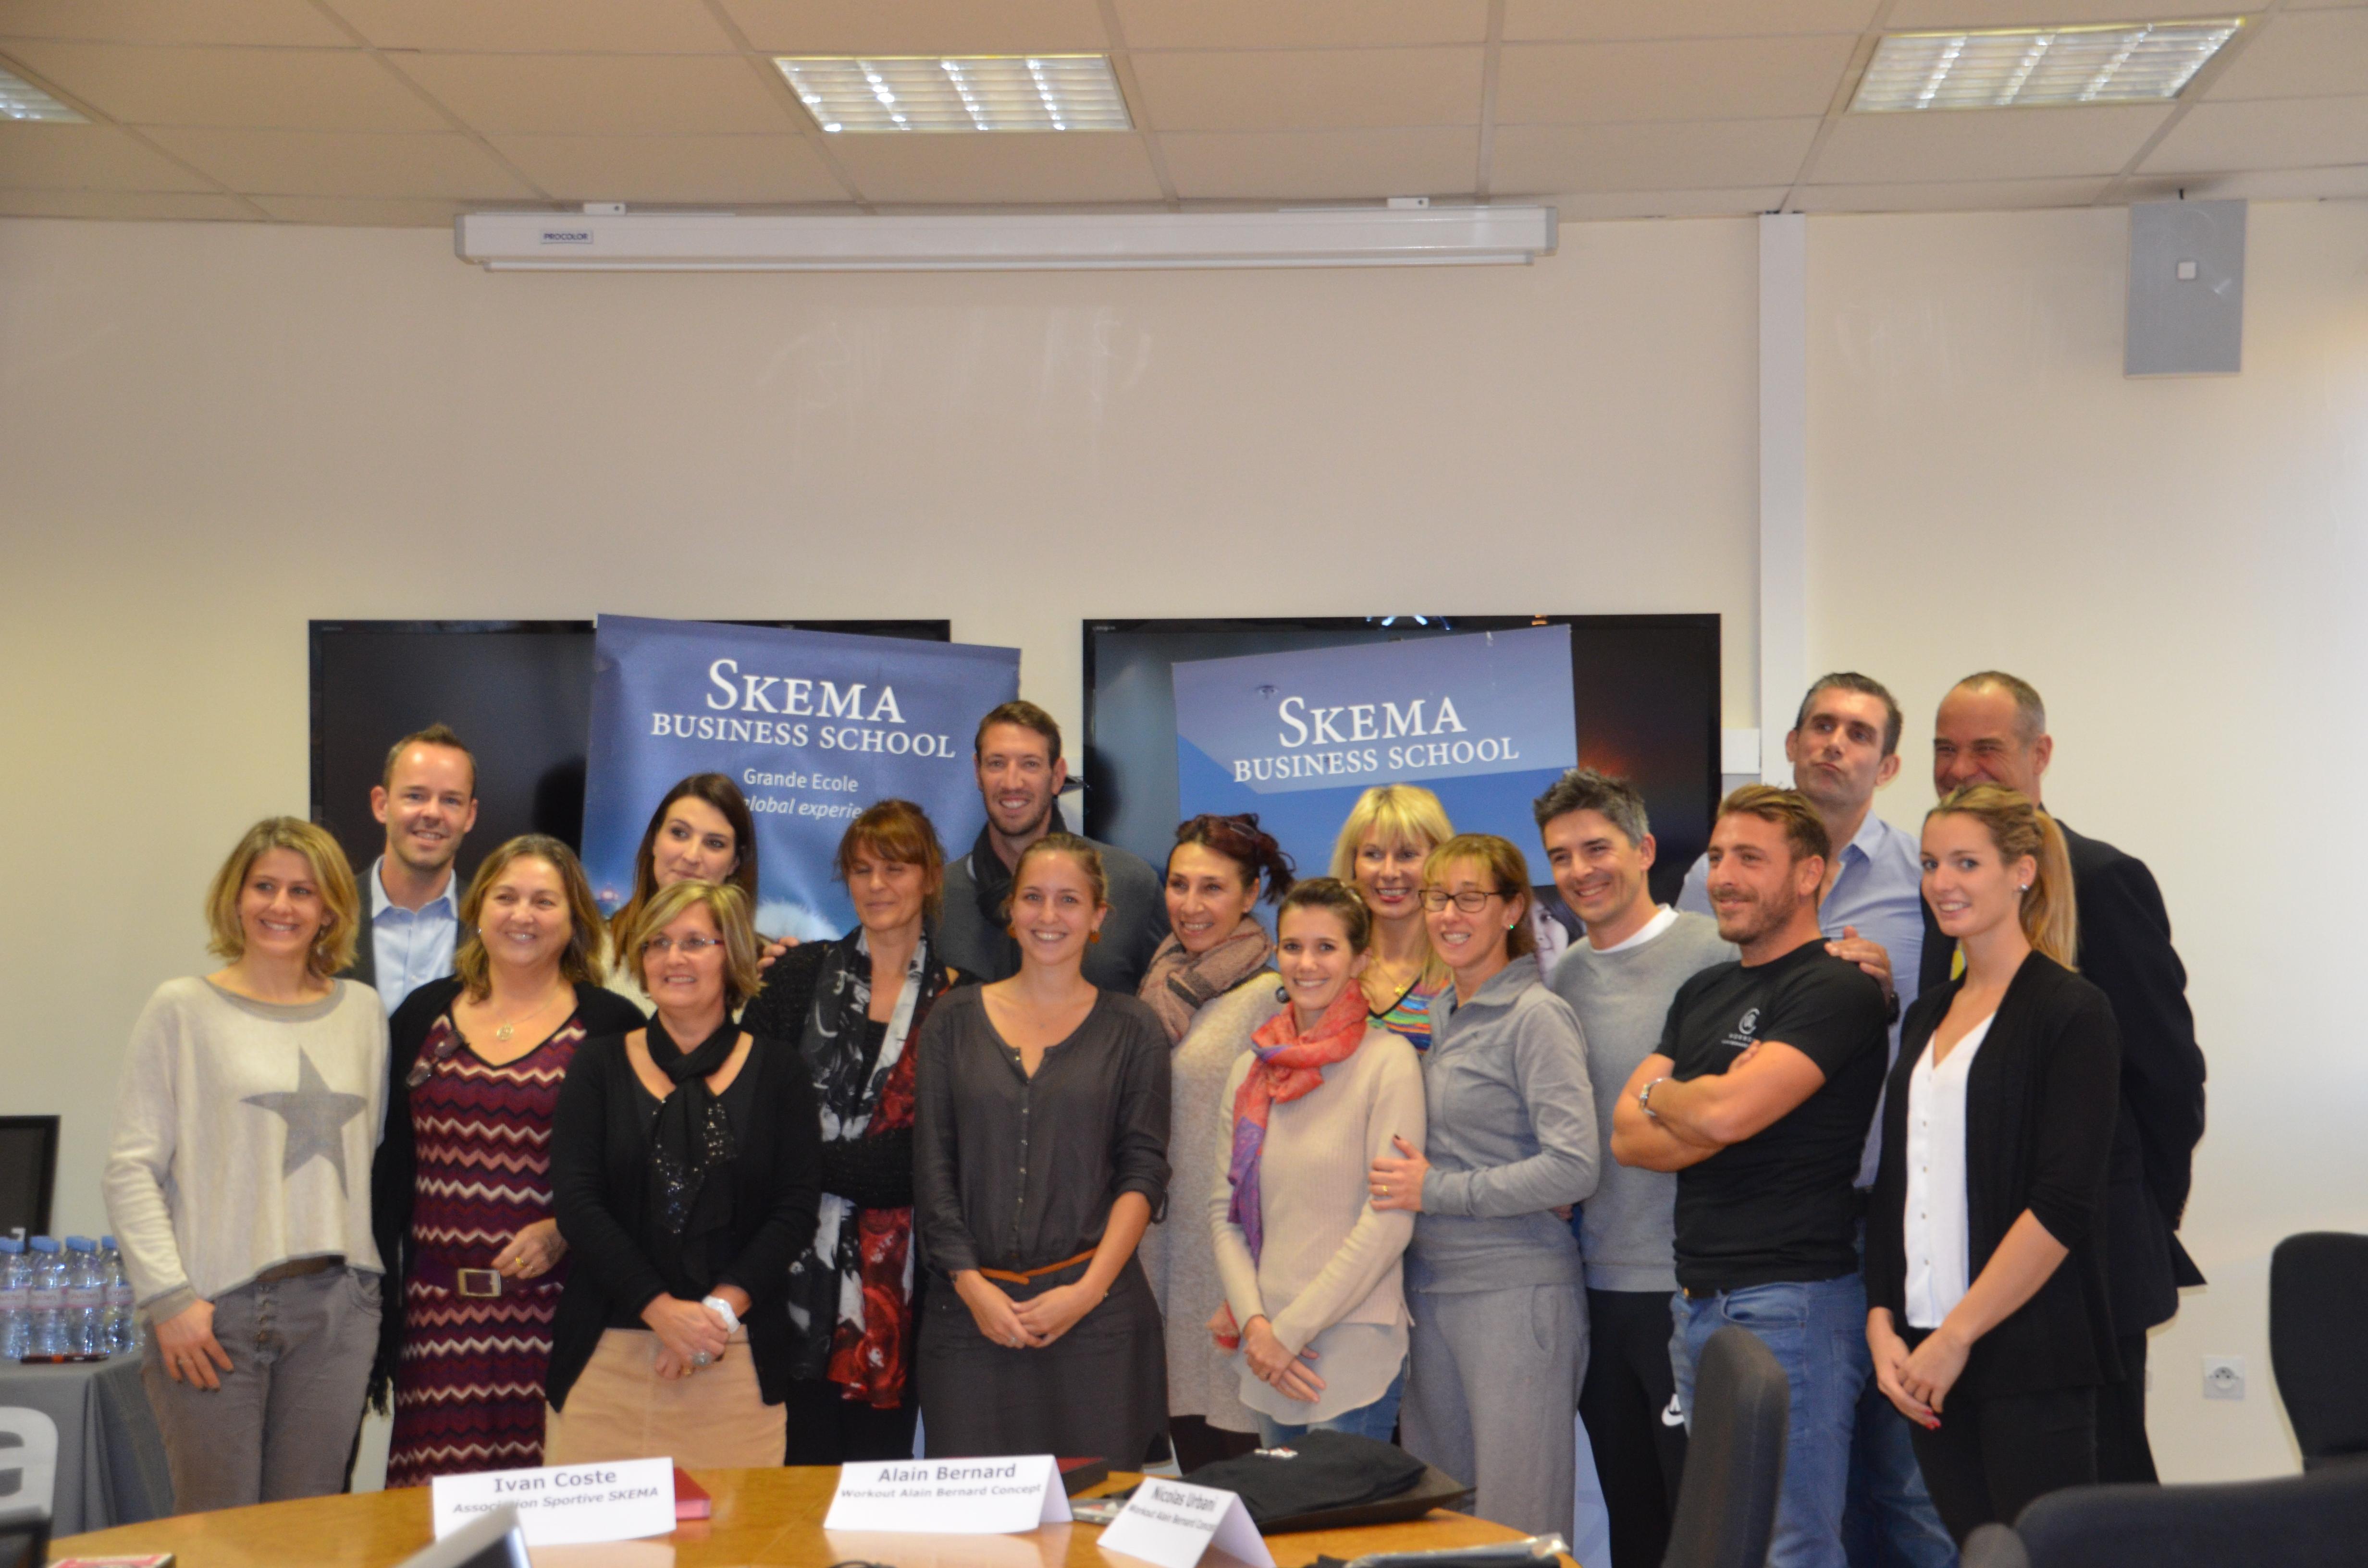 Alain Bernard s'engage aux côtés de l'Association Sportive de SKEMA BS